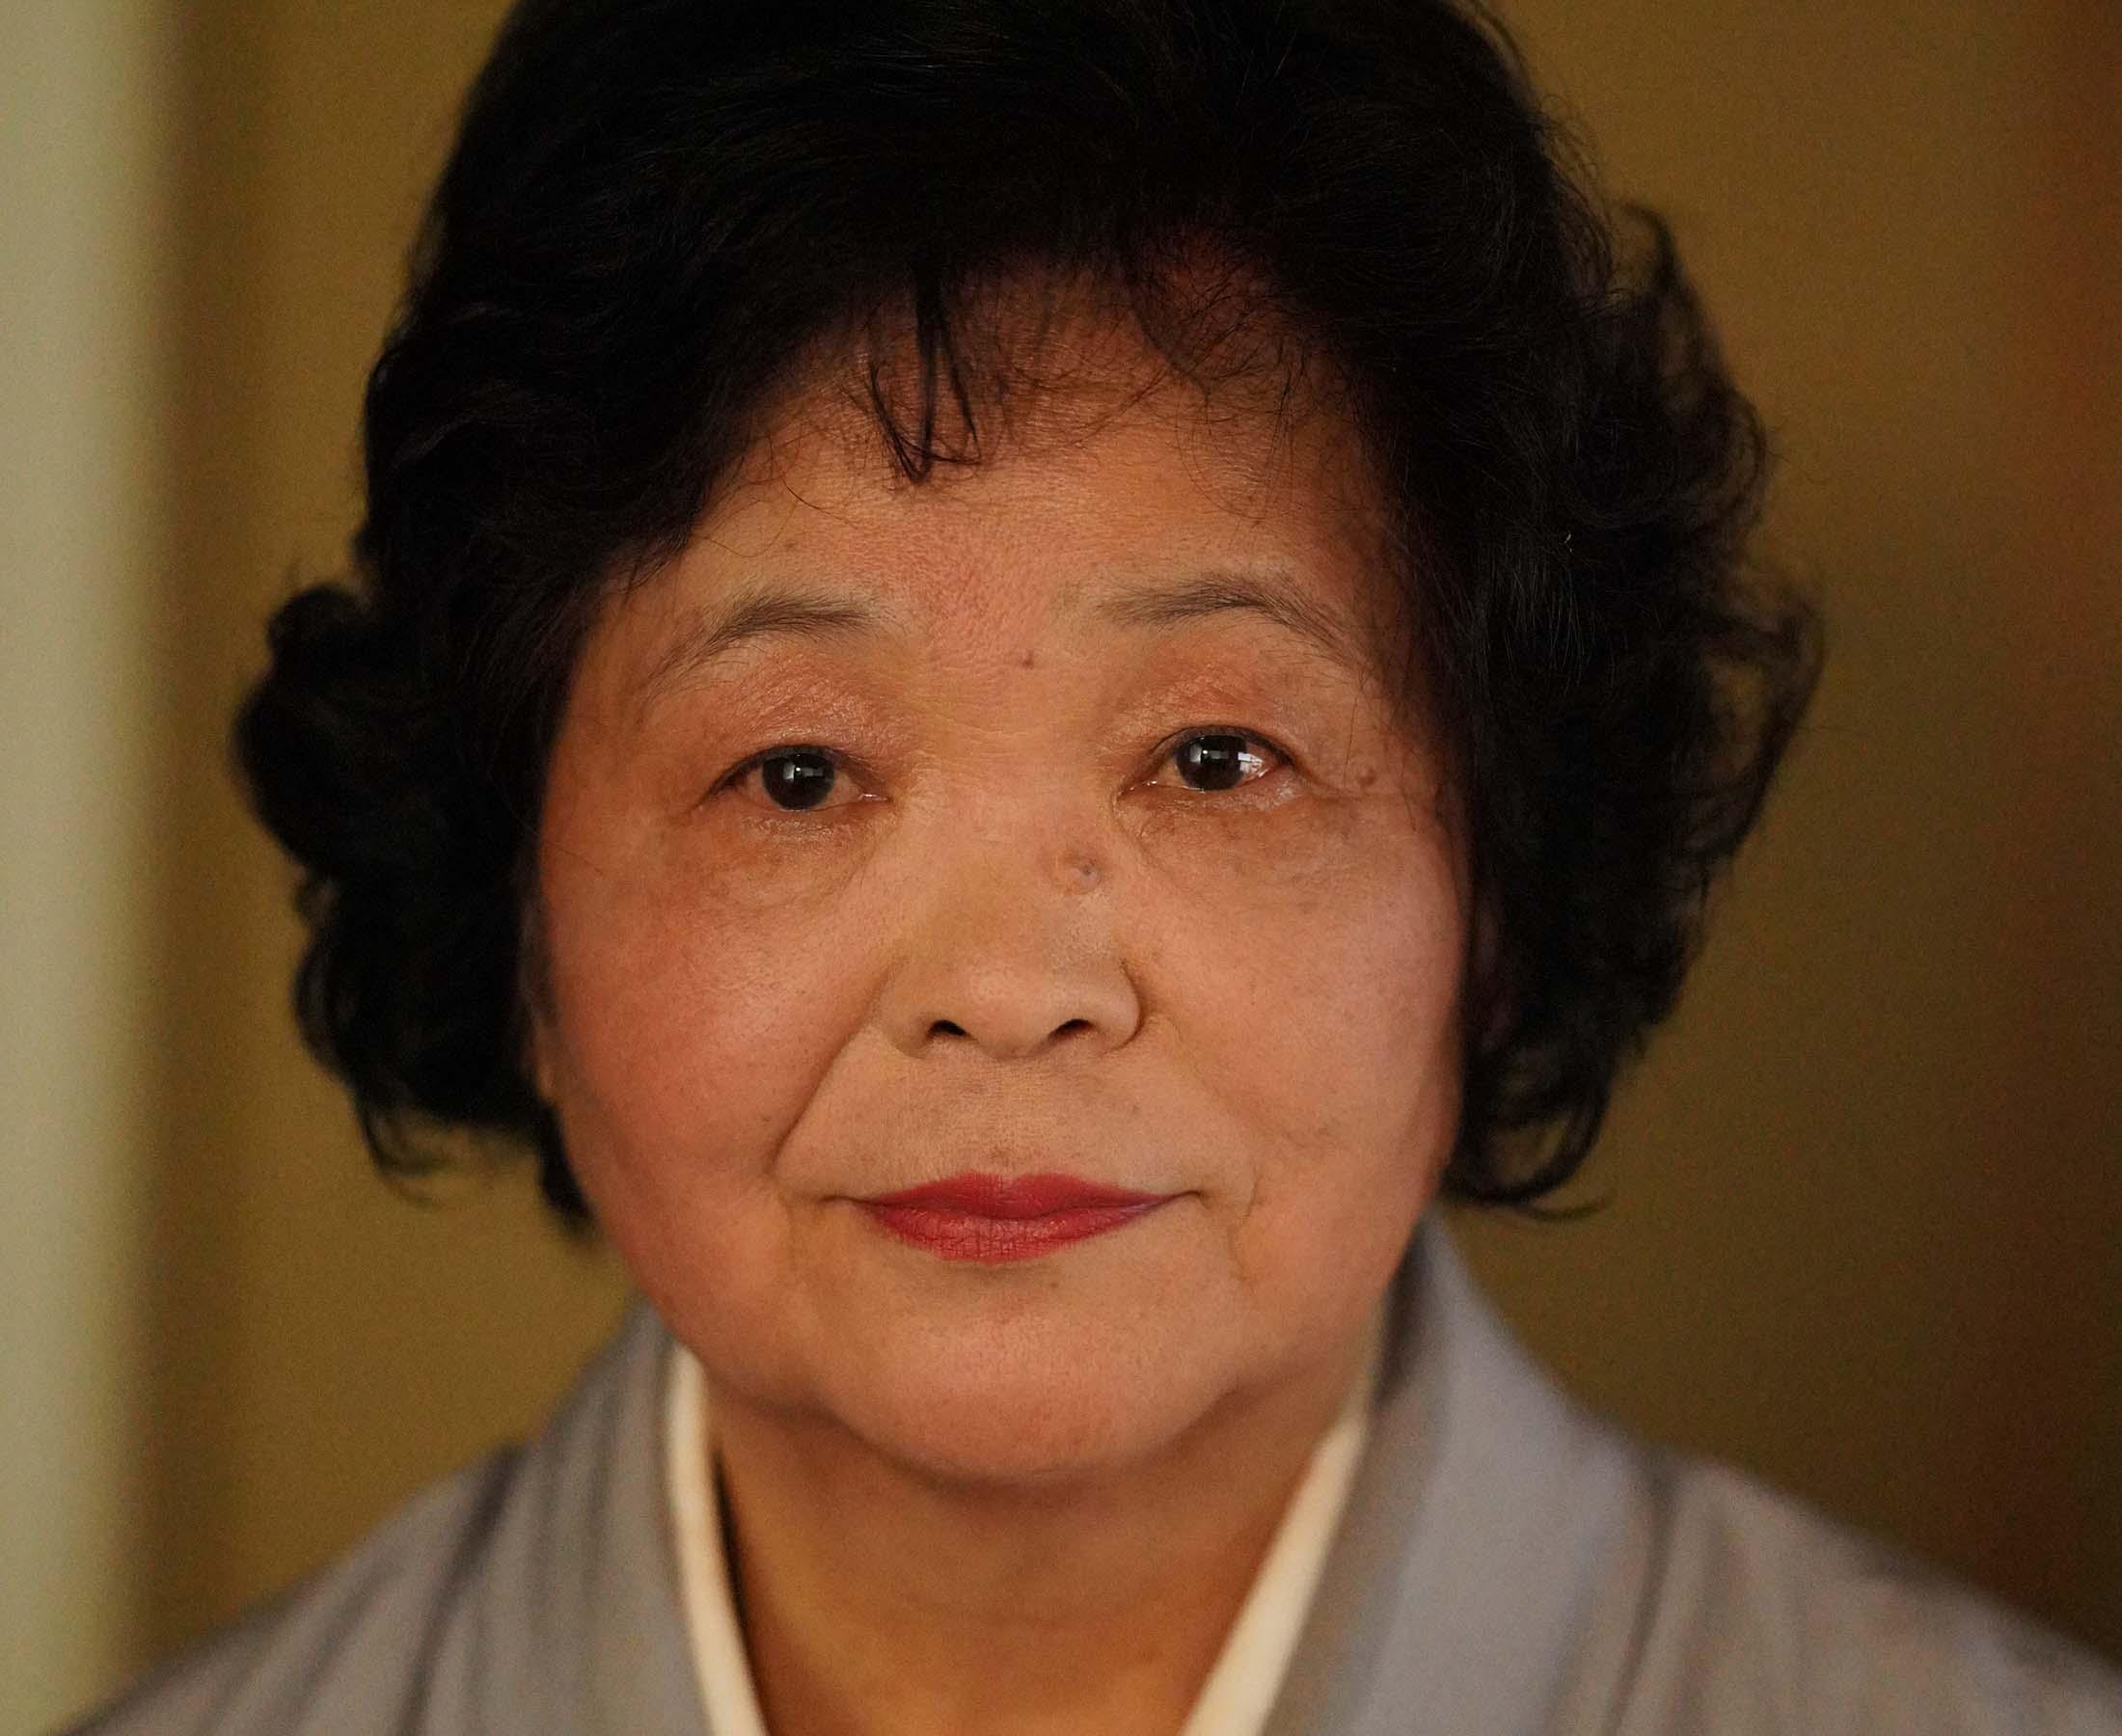 Rumiko Matsuura